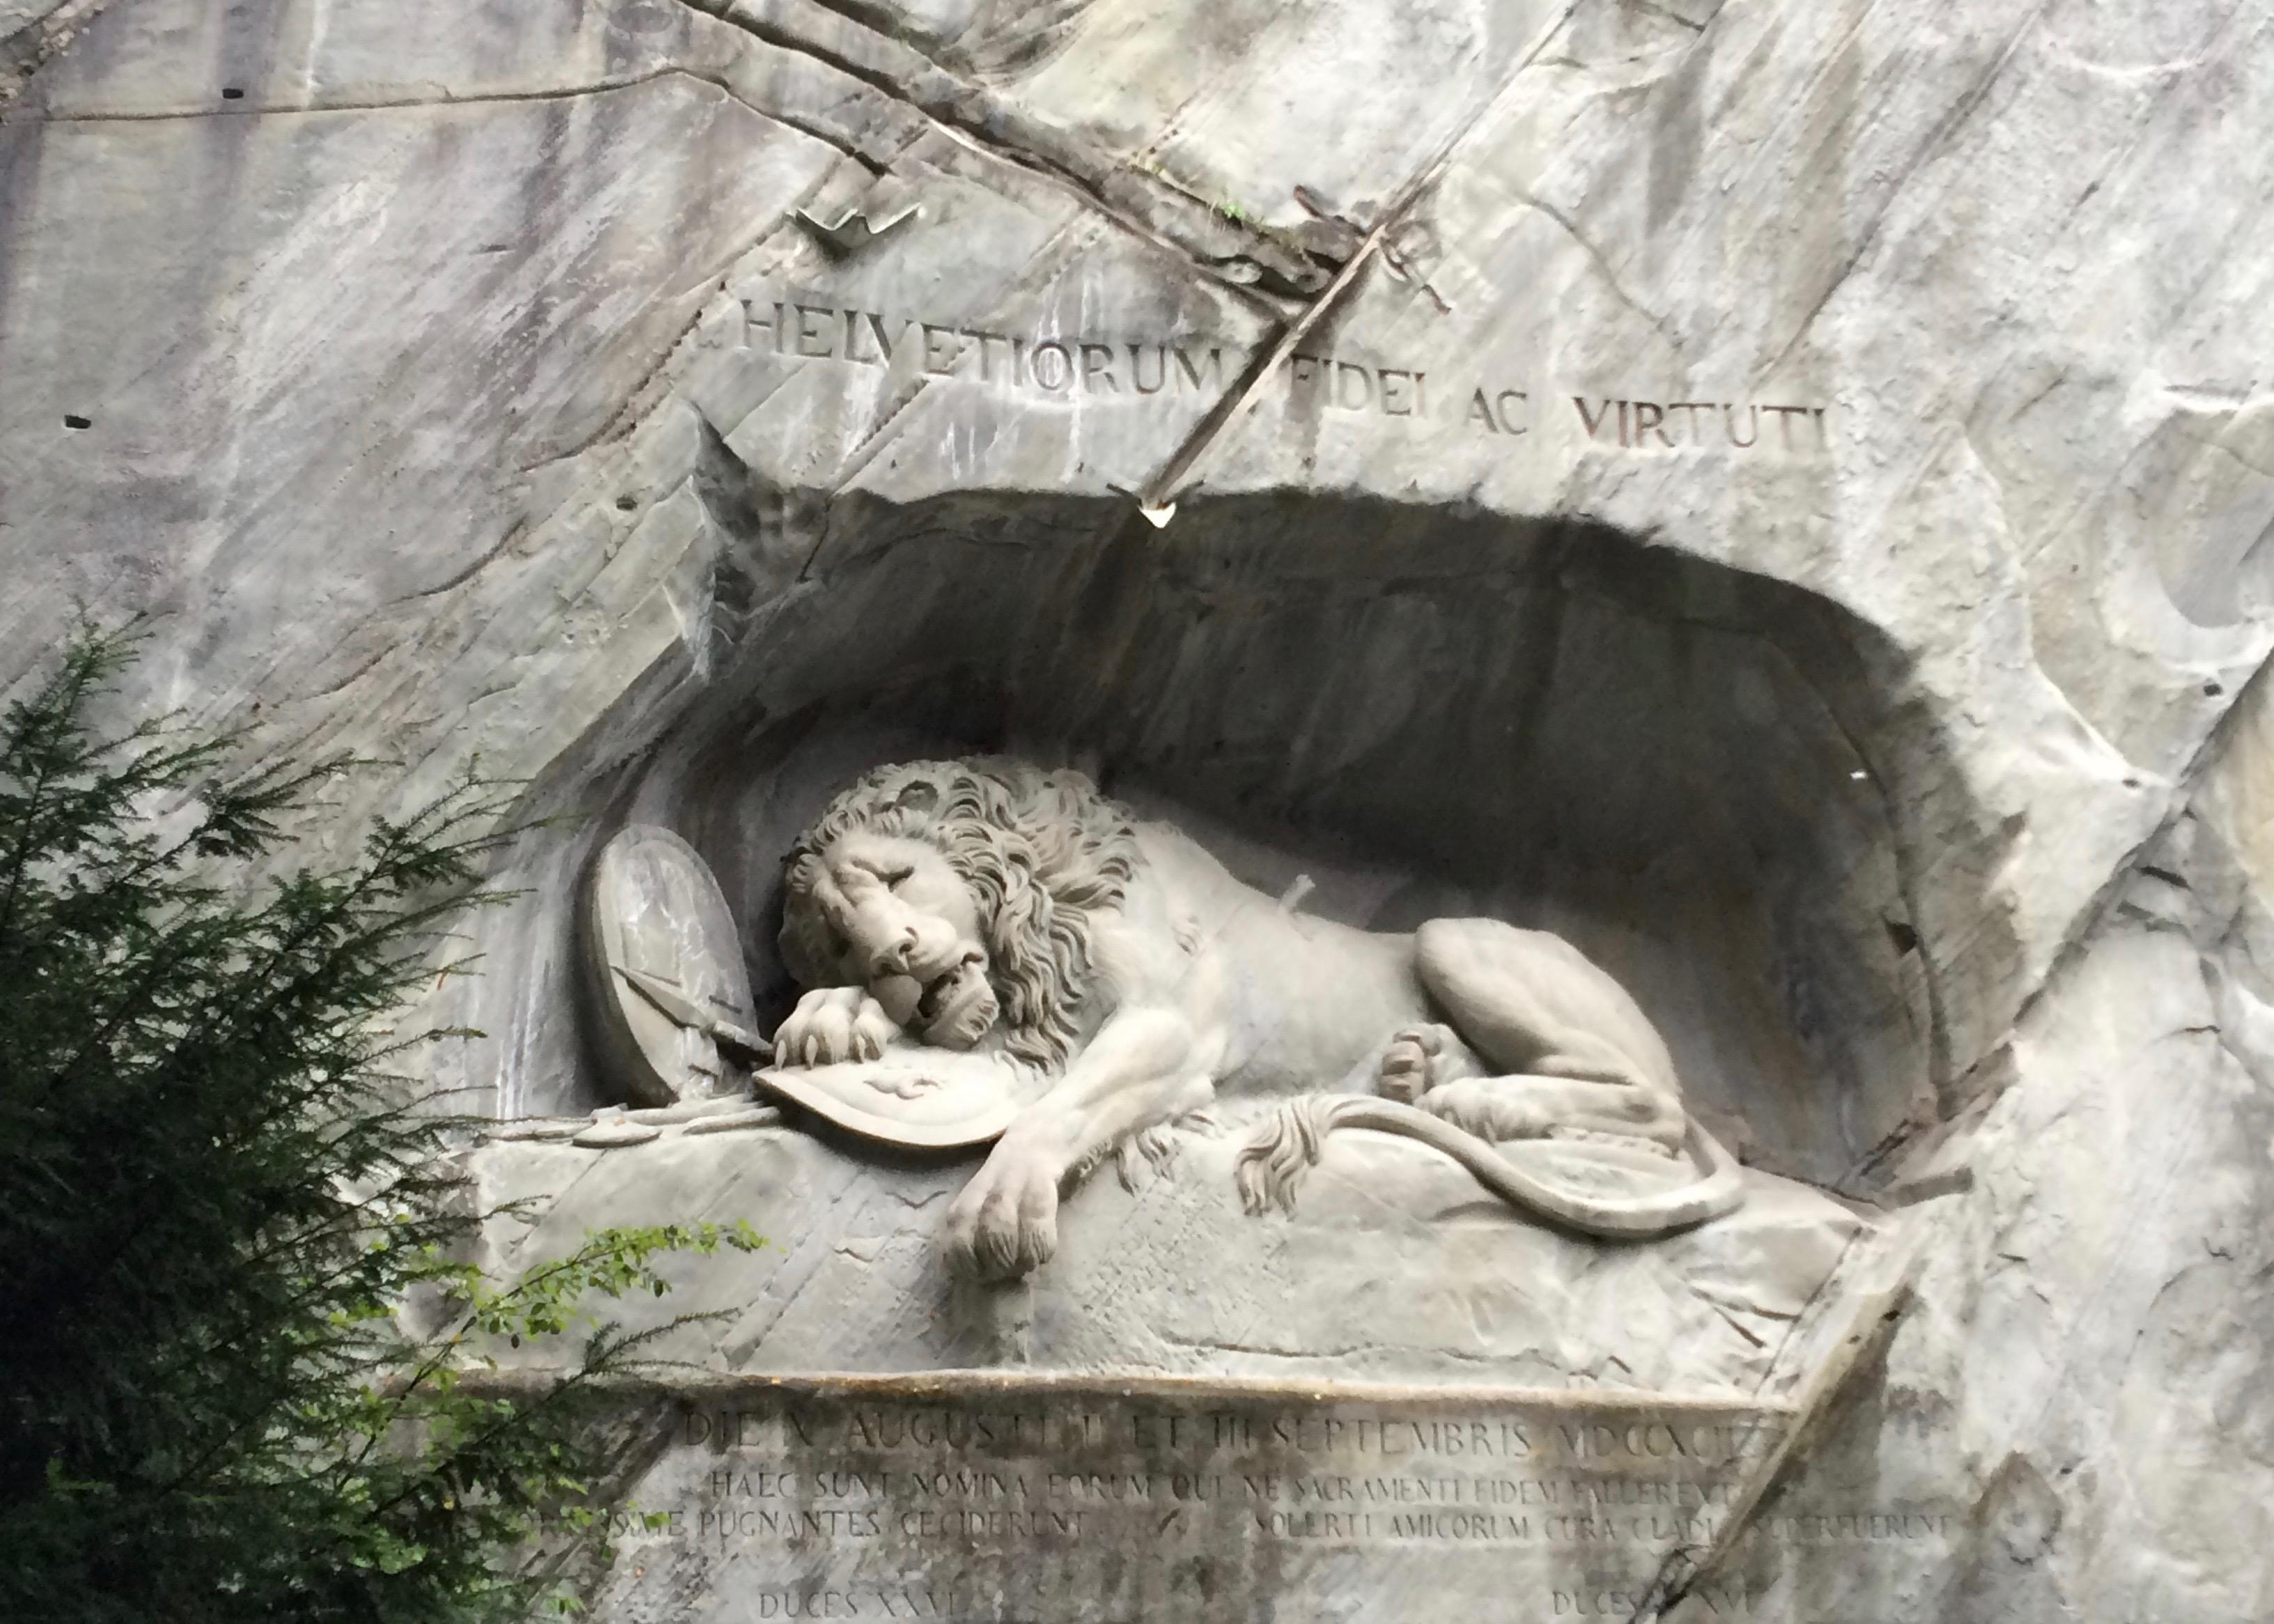 Löwendenkmal in Luzern, Switzerland, photo by Heidi M. Kim